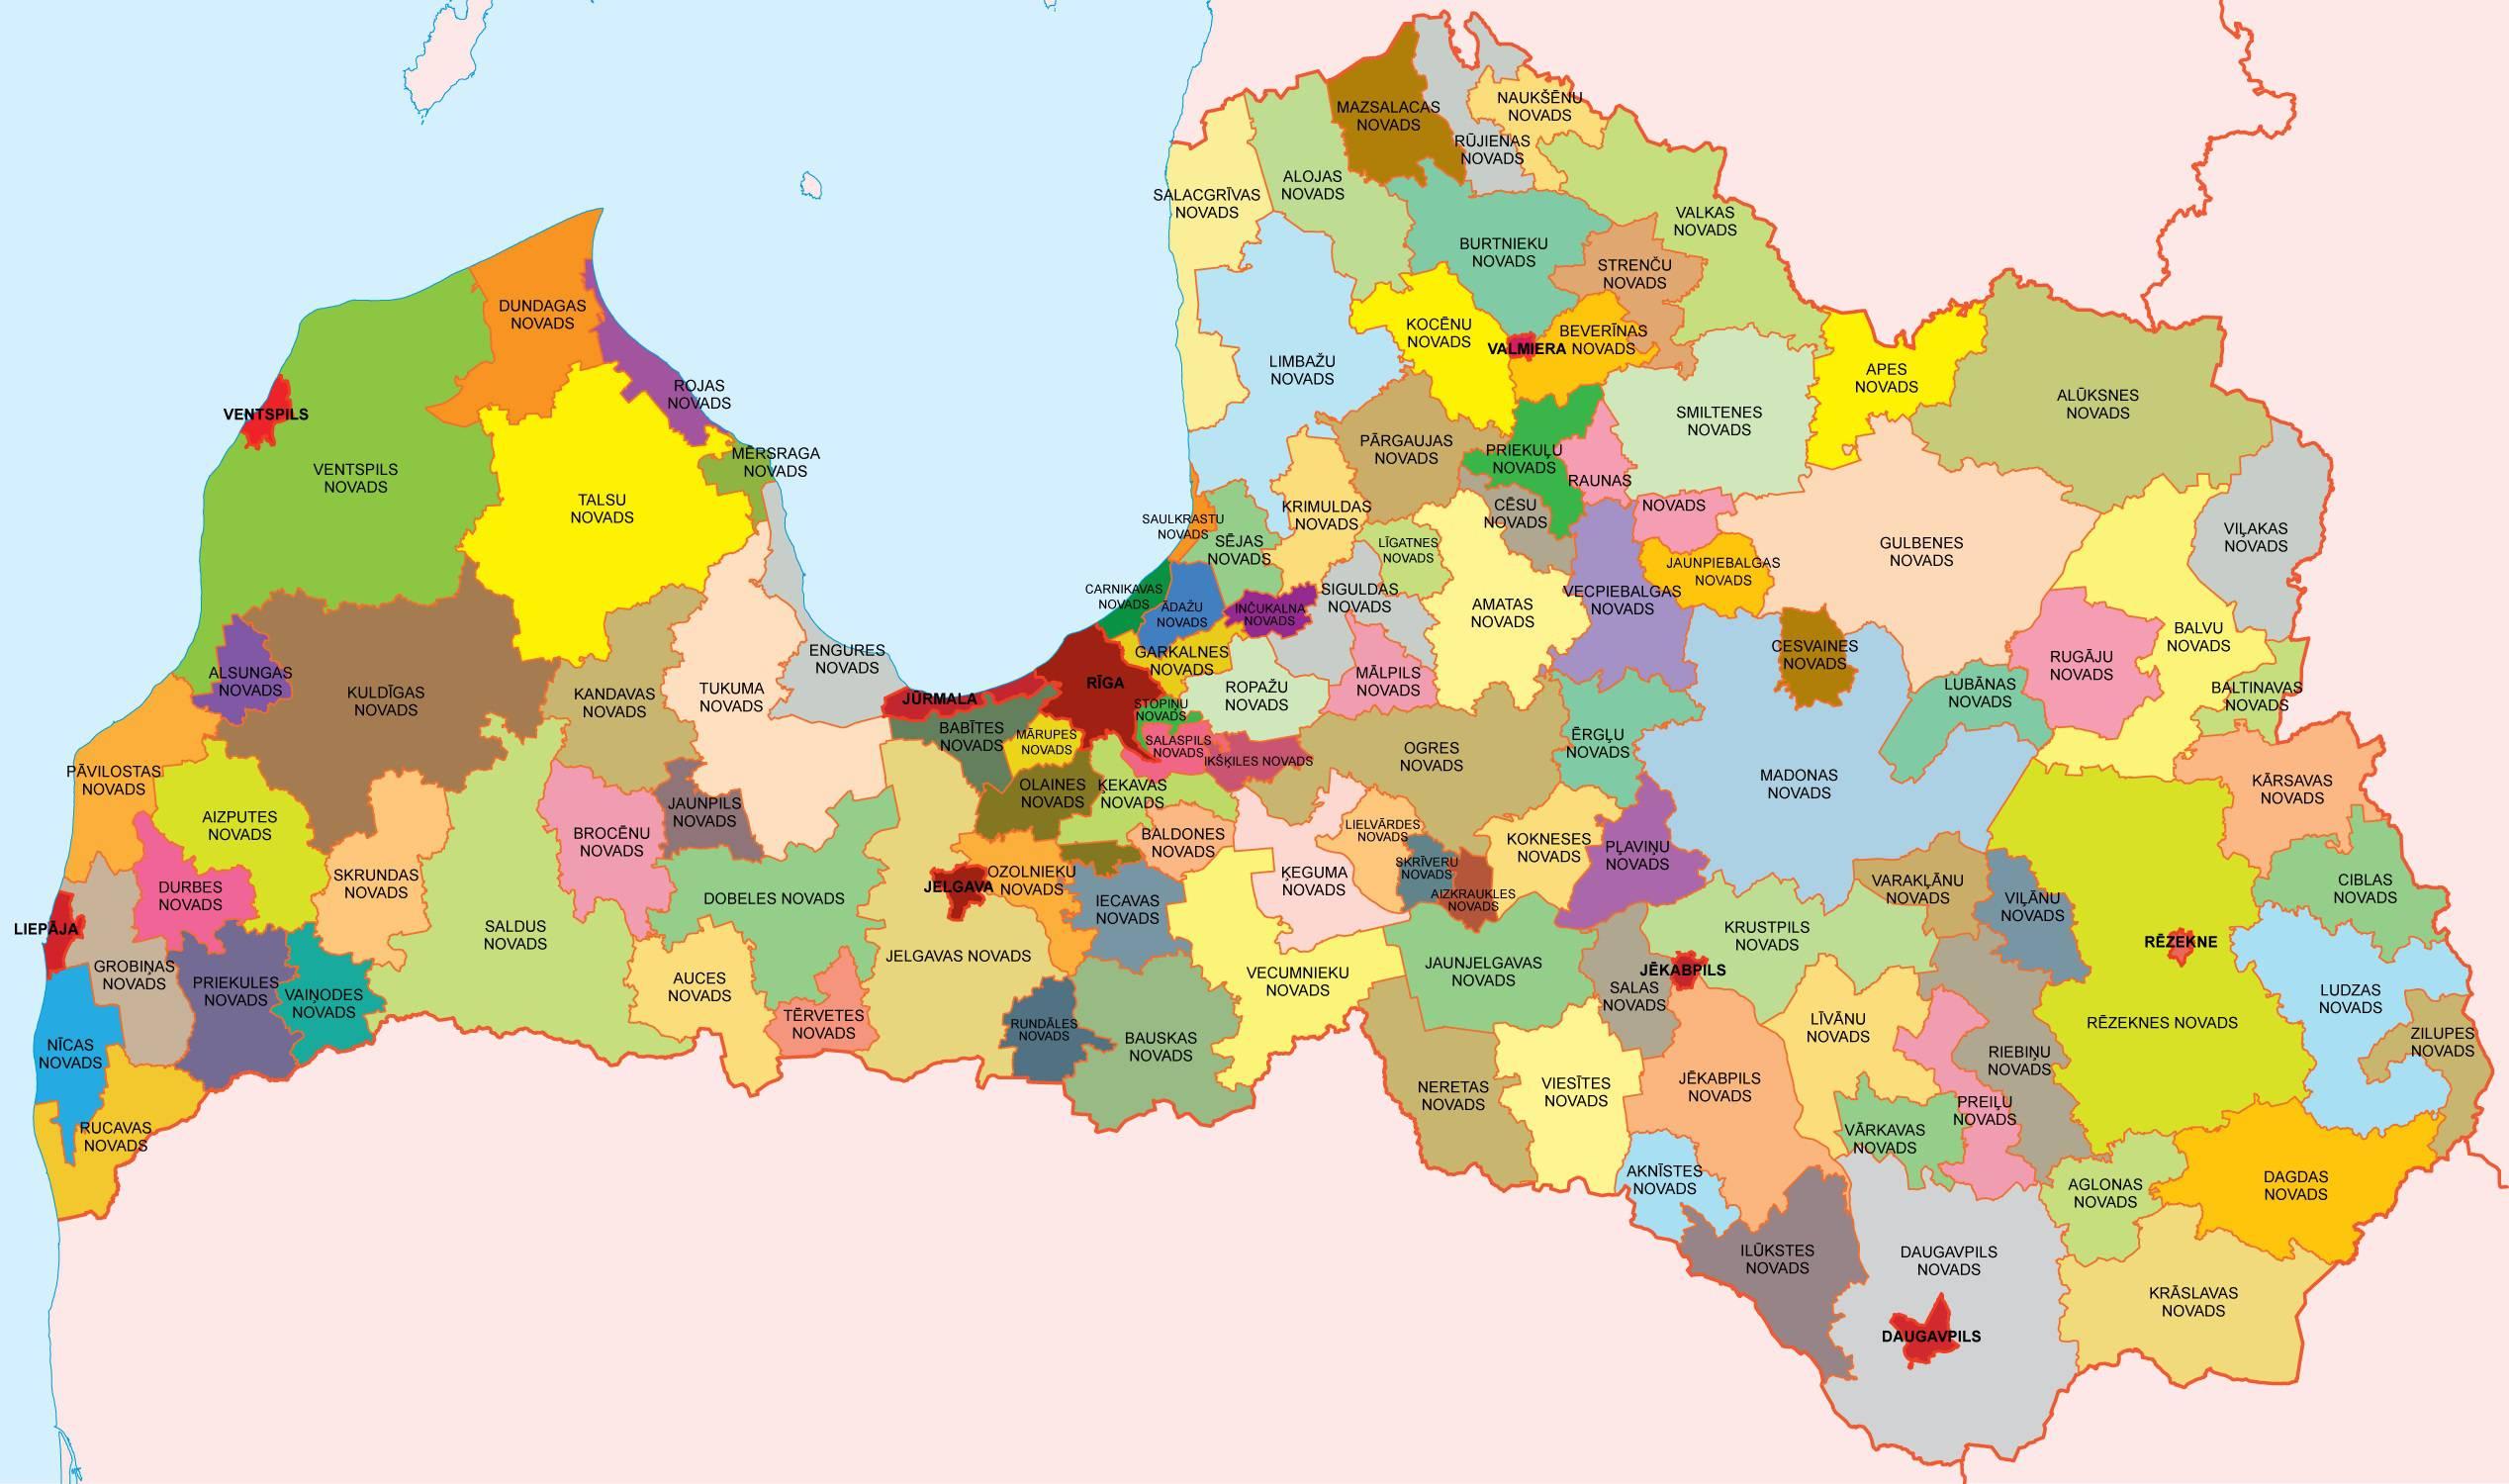 Carte Novadi de la Lettonie